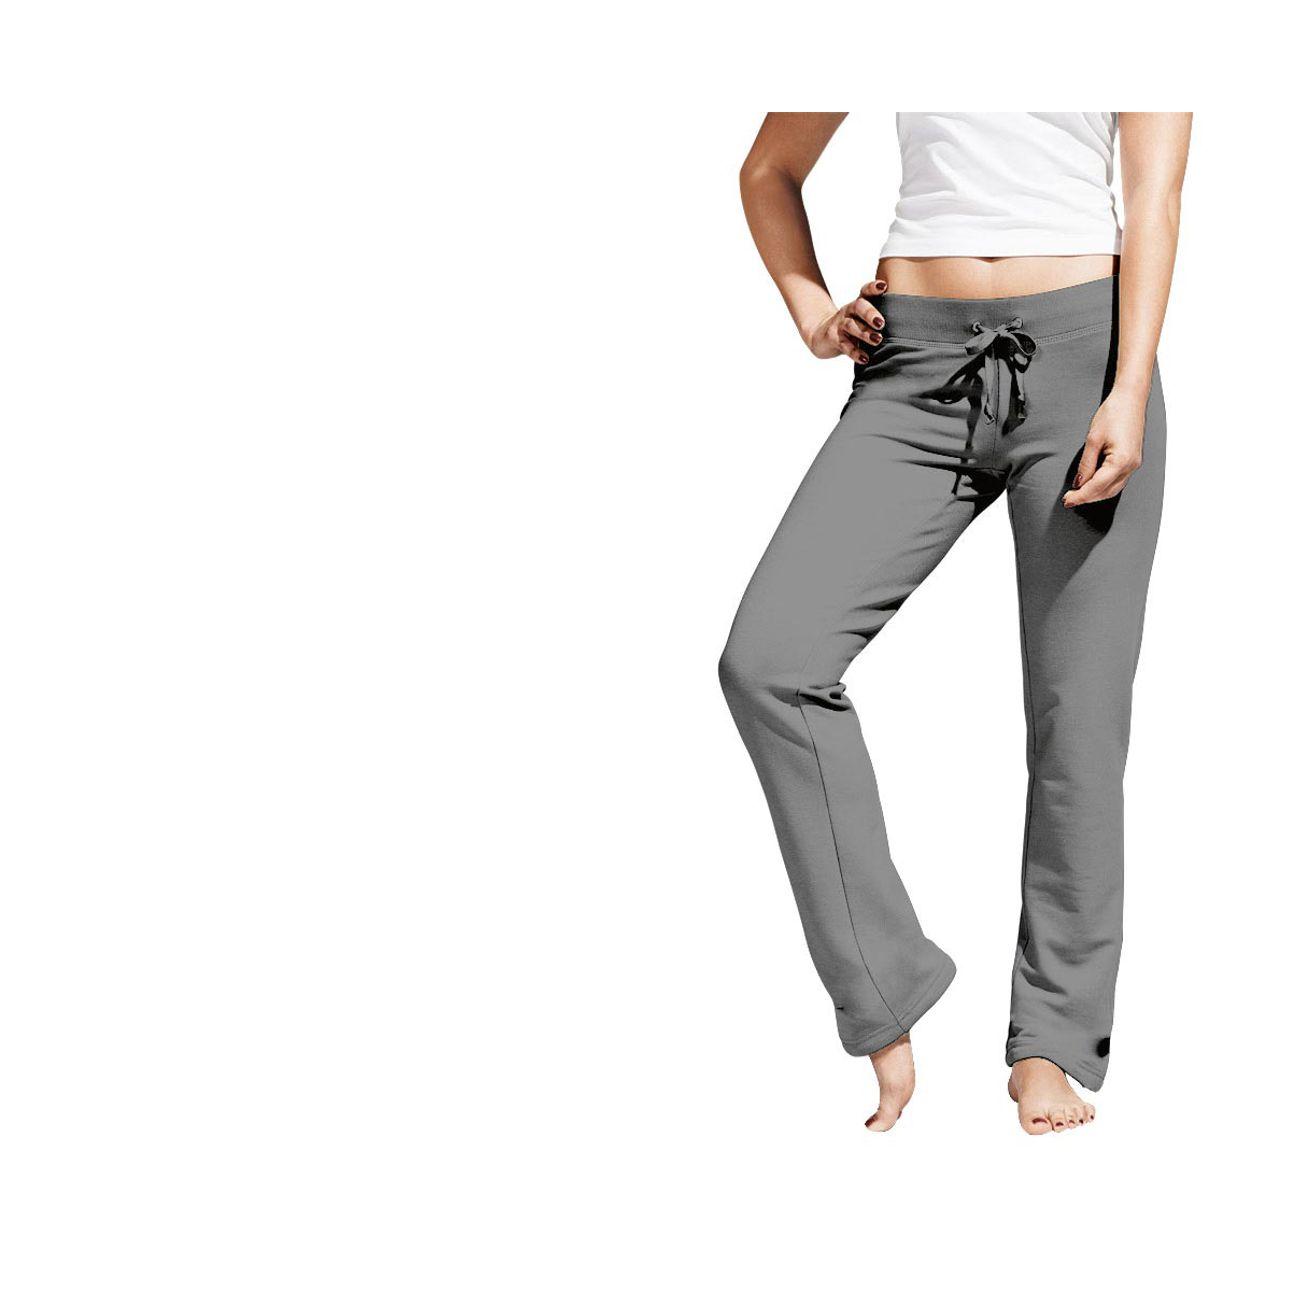 pantalon jogging femme grande taille achat et prix pas cher go sport. Black Bedroom Furniture Sets. Home Design Ideas